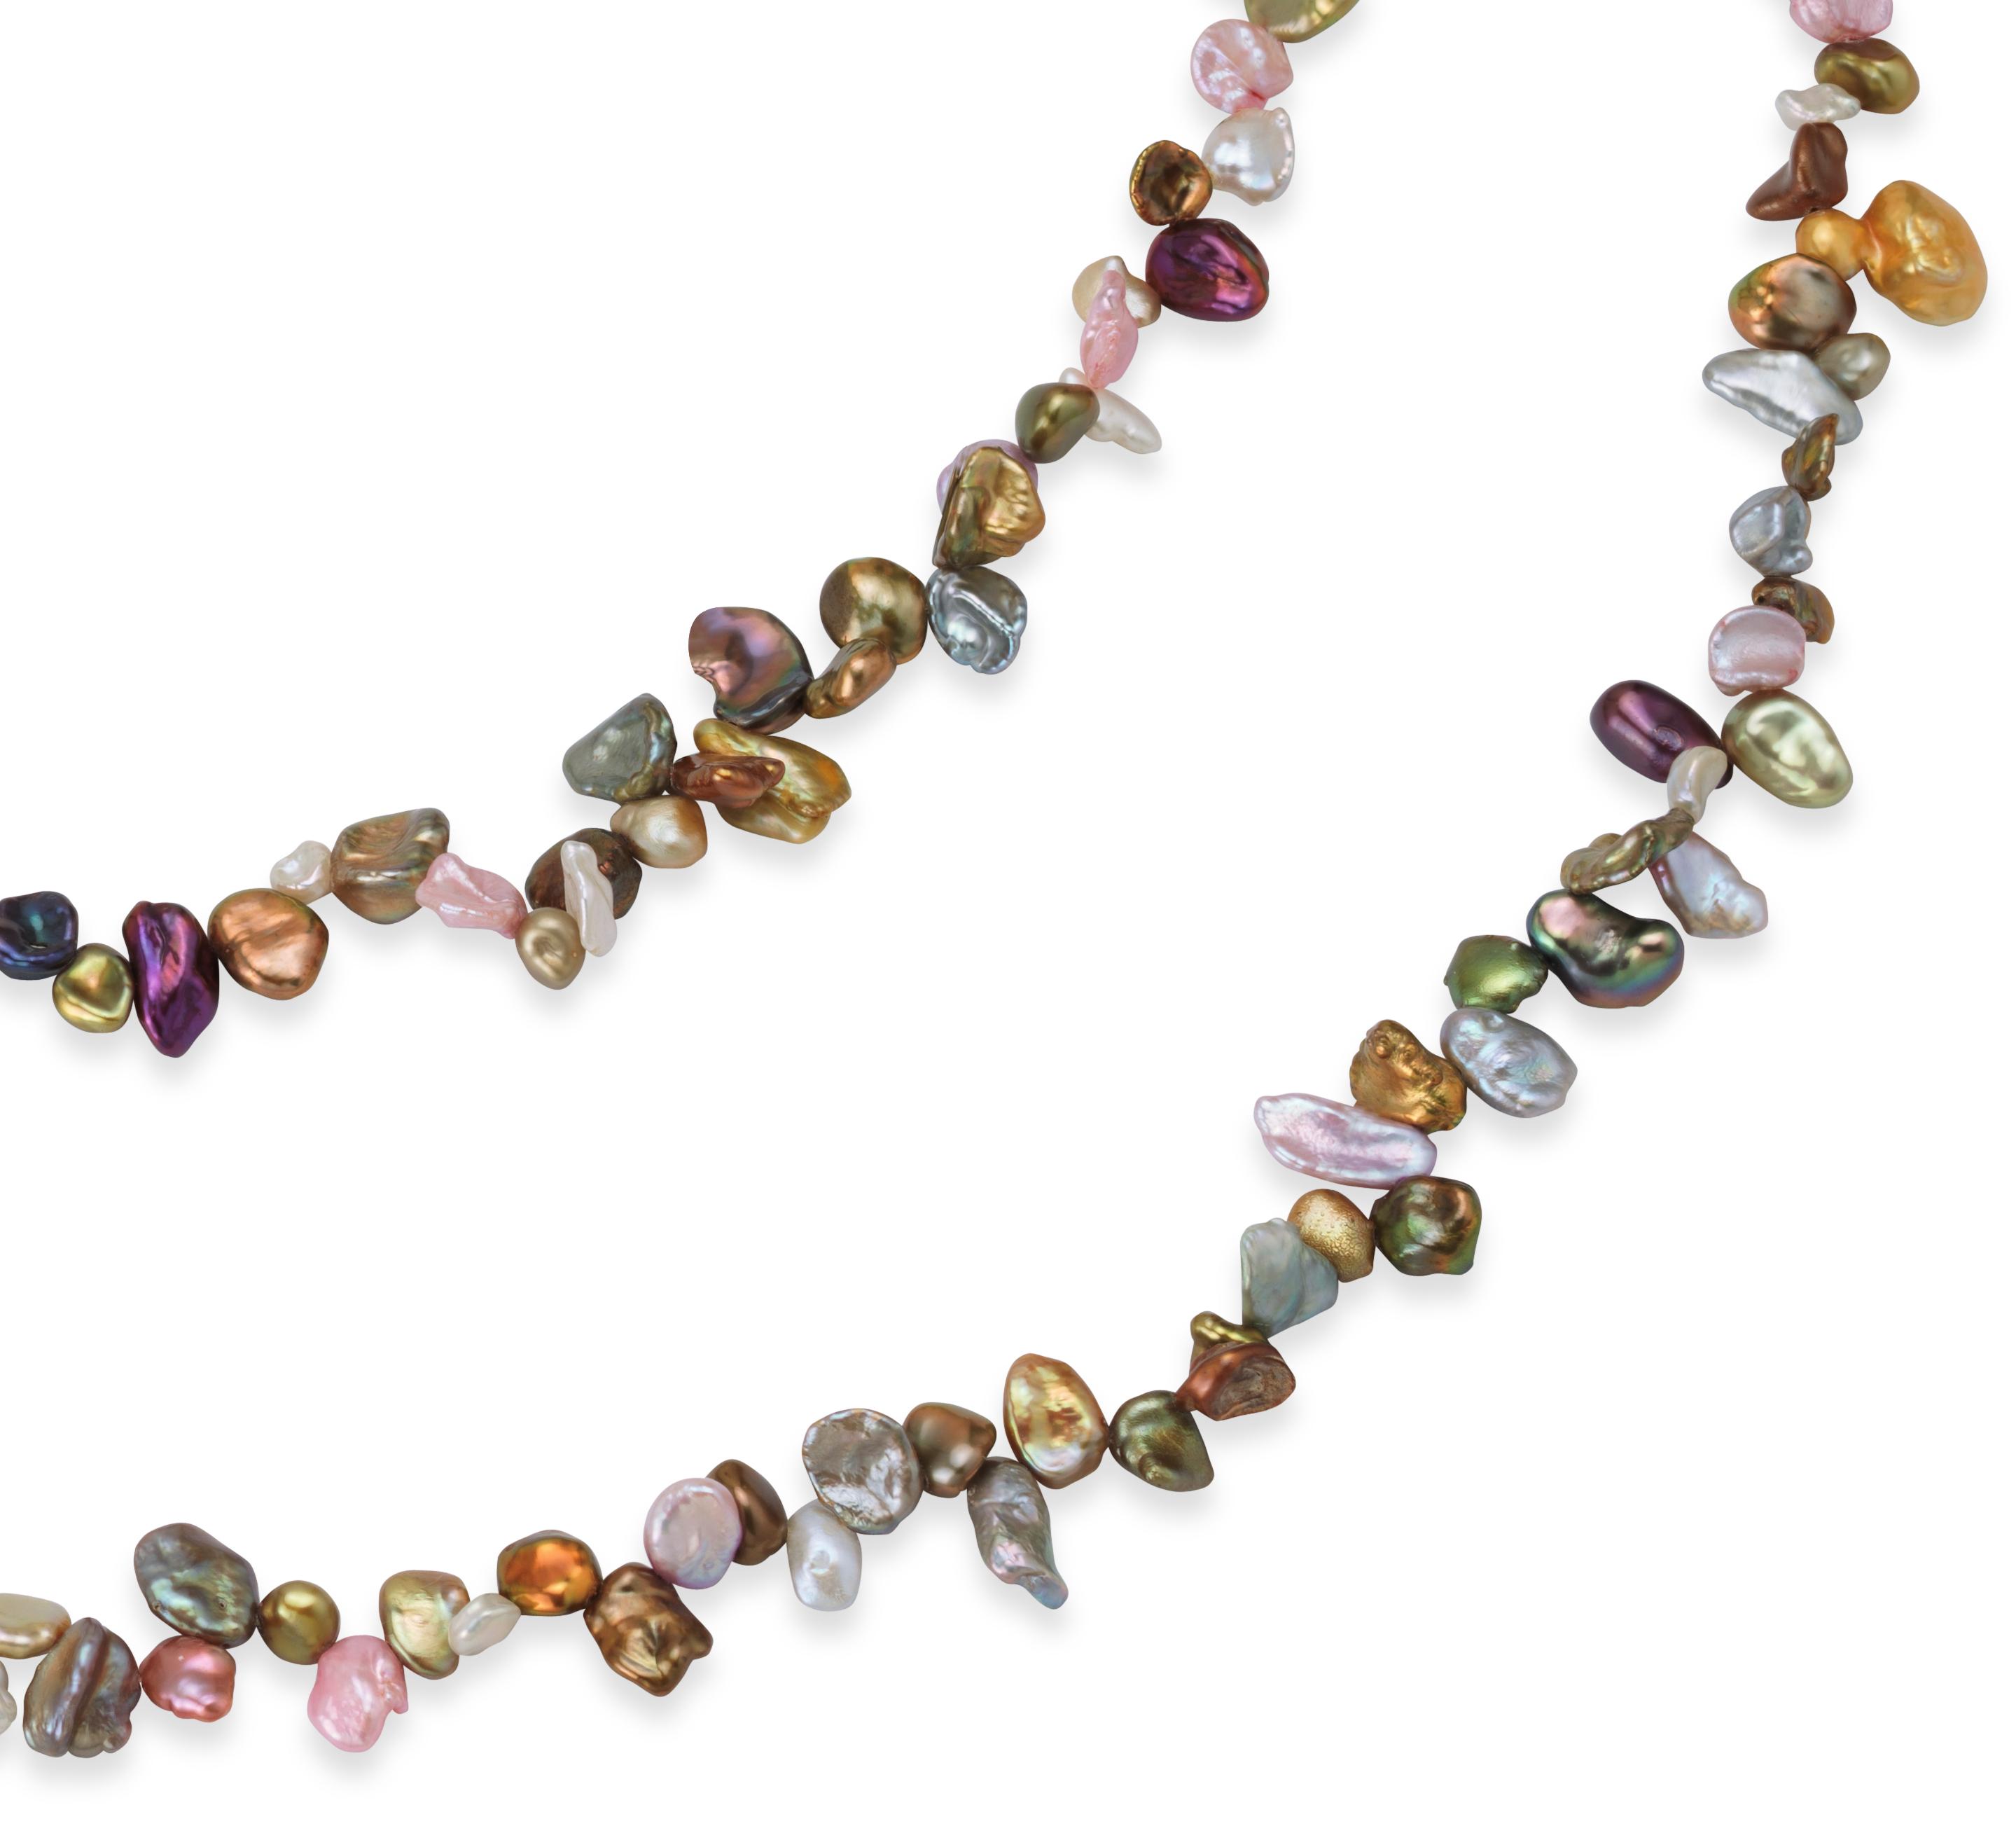 Collier de perles de culture d'eau douce de Keshi cabernet - 72